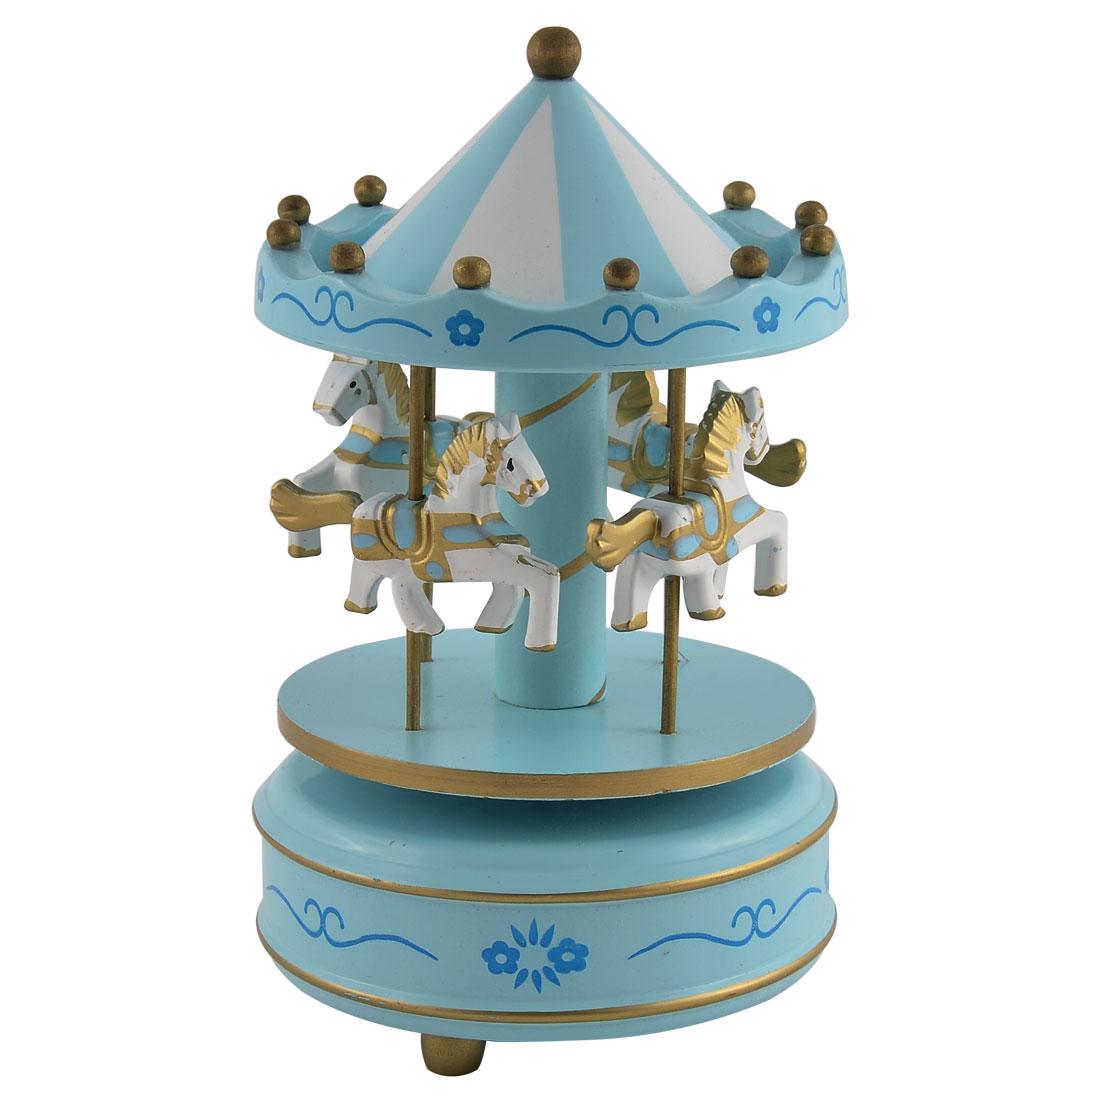 Plastic Shell Flower Pattern Merry-Go-Round Carousel Music Box Light Blue